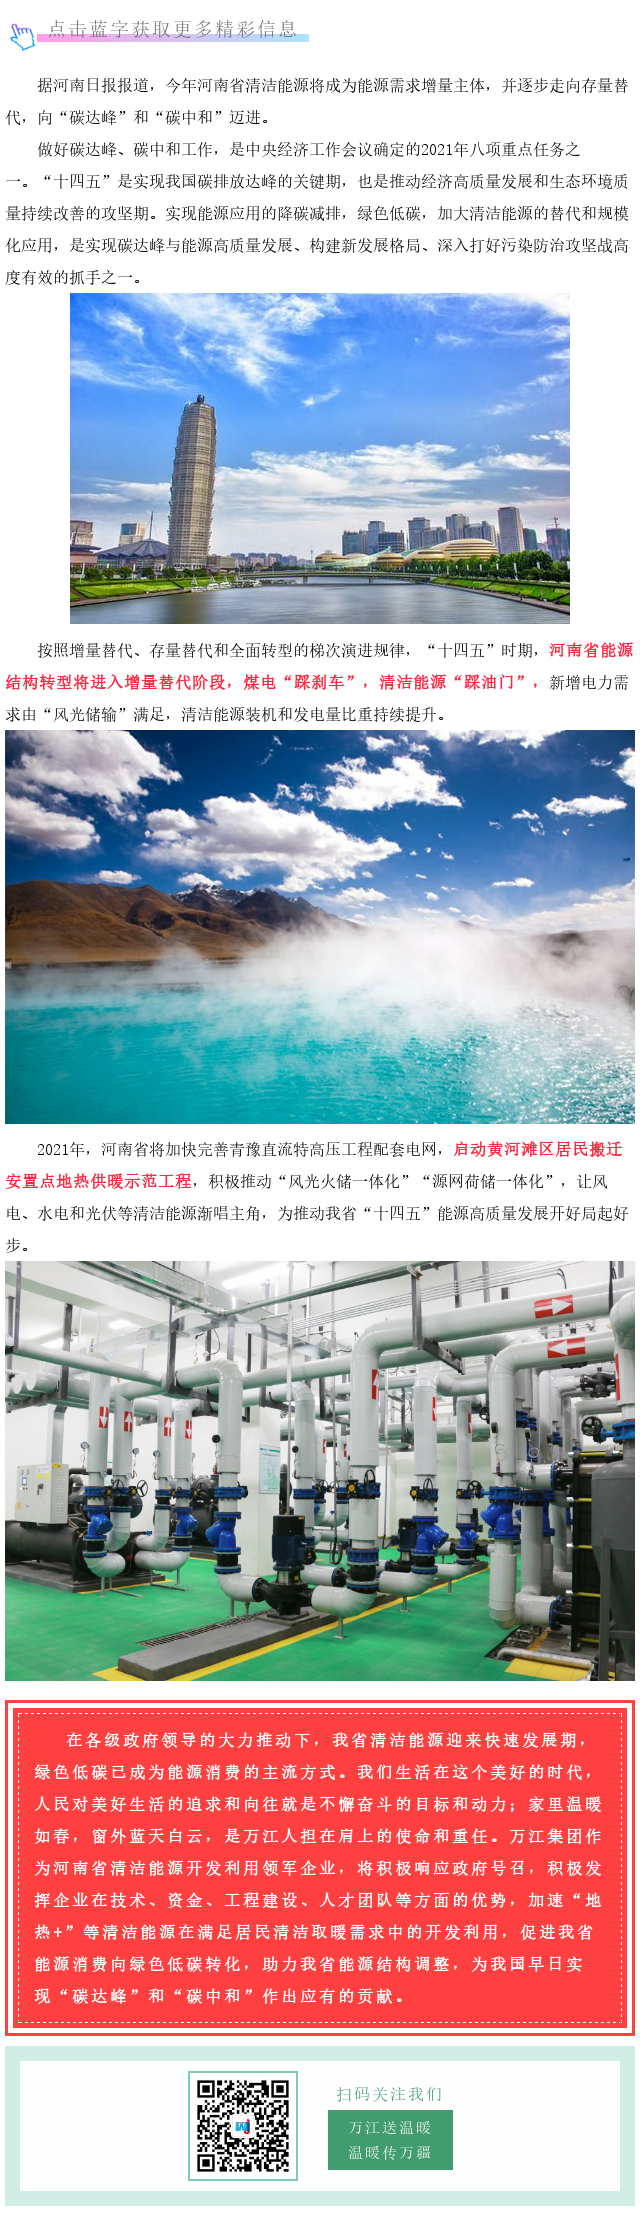 """""""十四五""""开局之年河南清洁能源替代步伐再加快.png"""